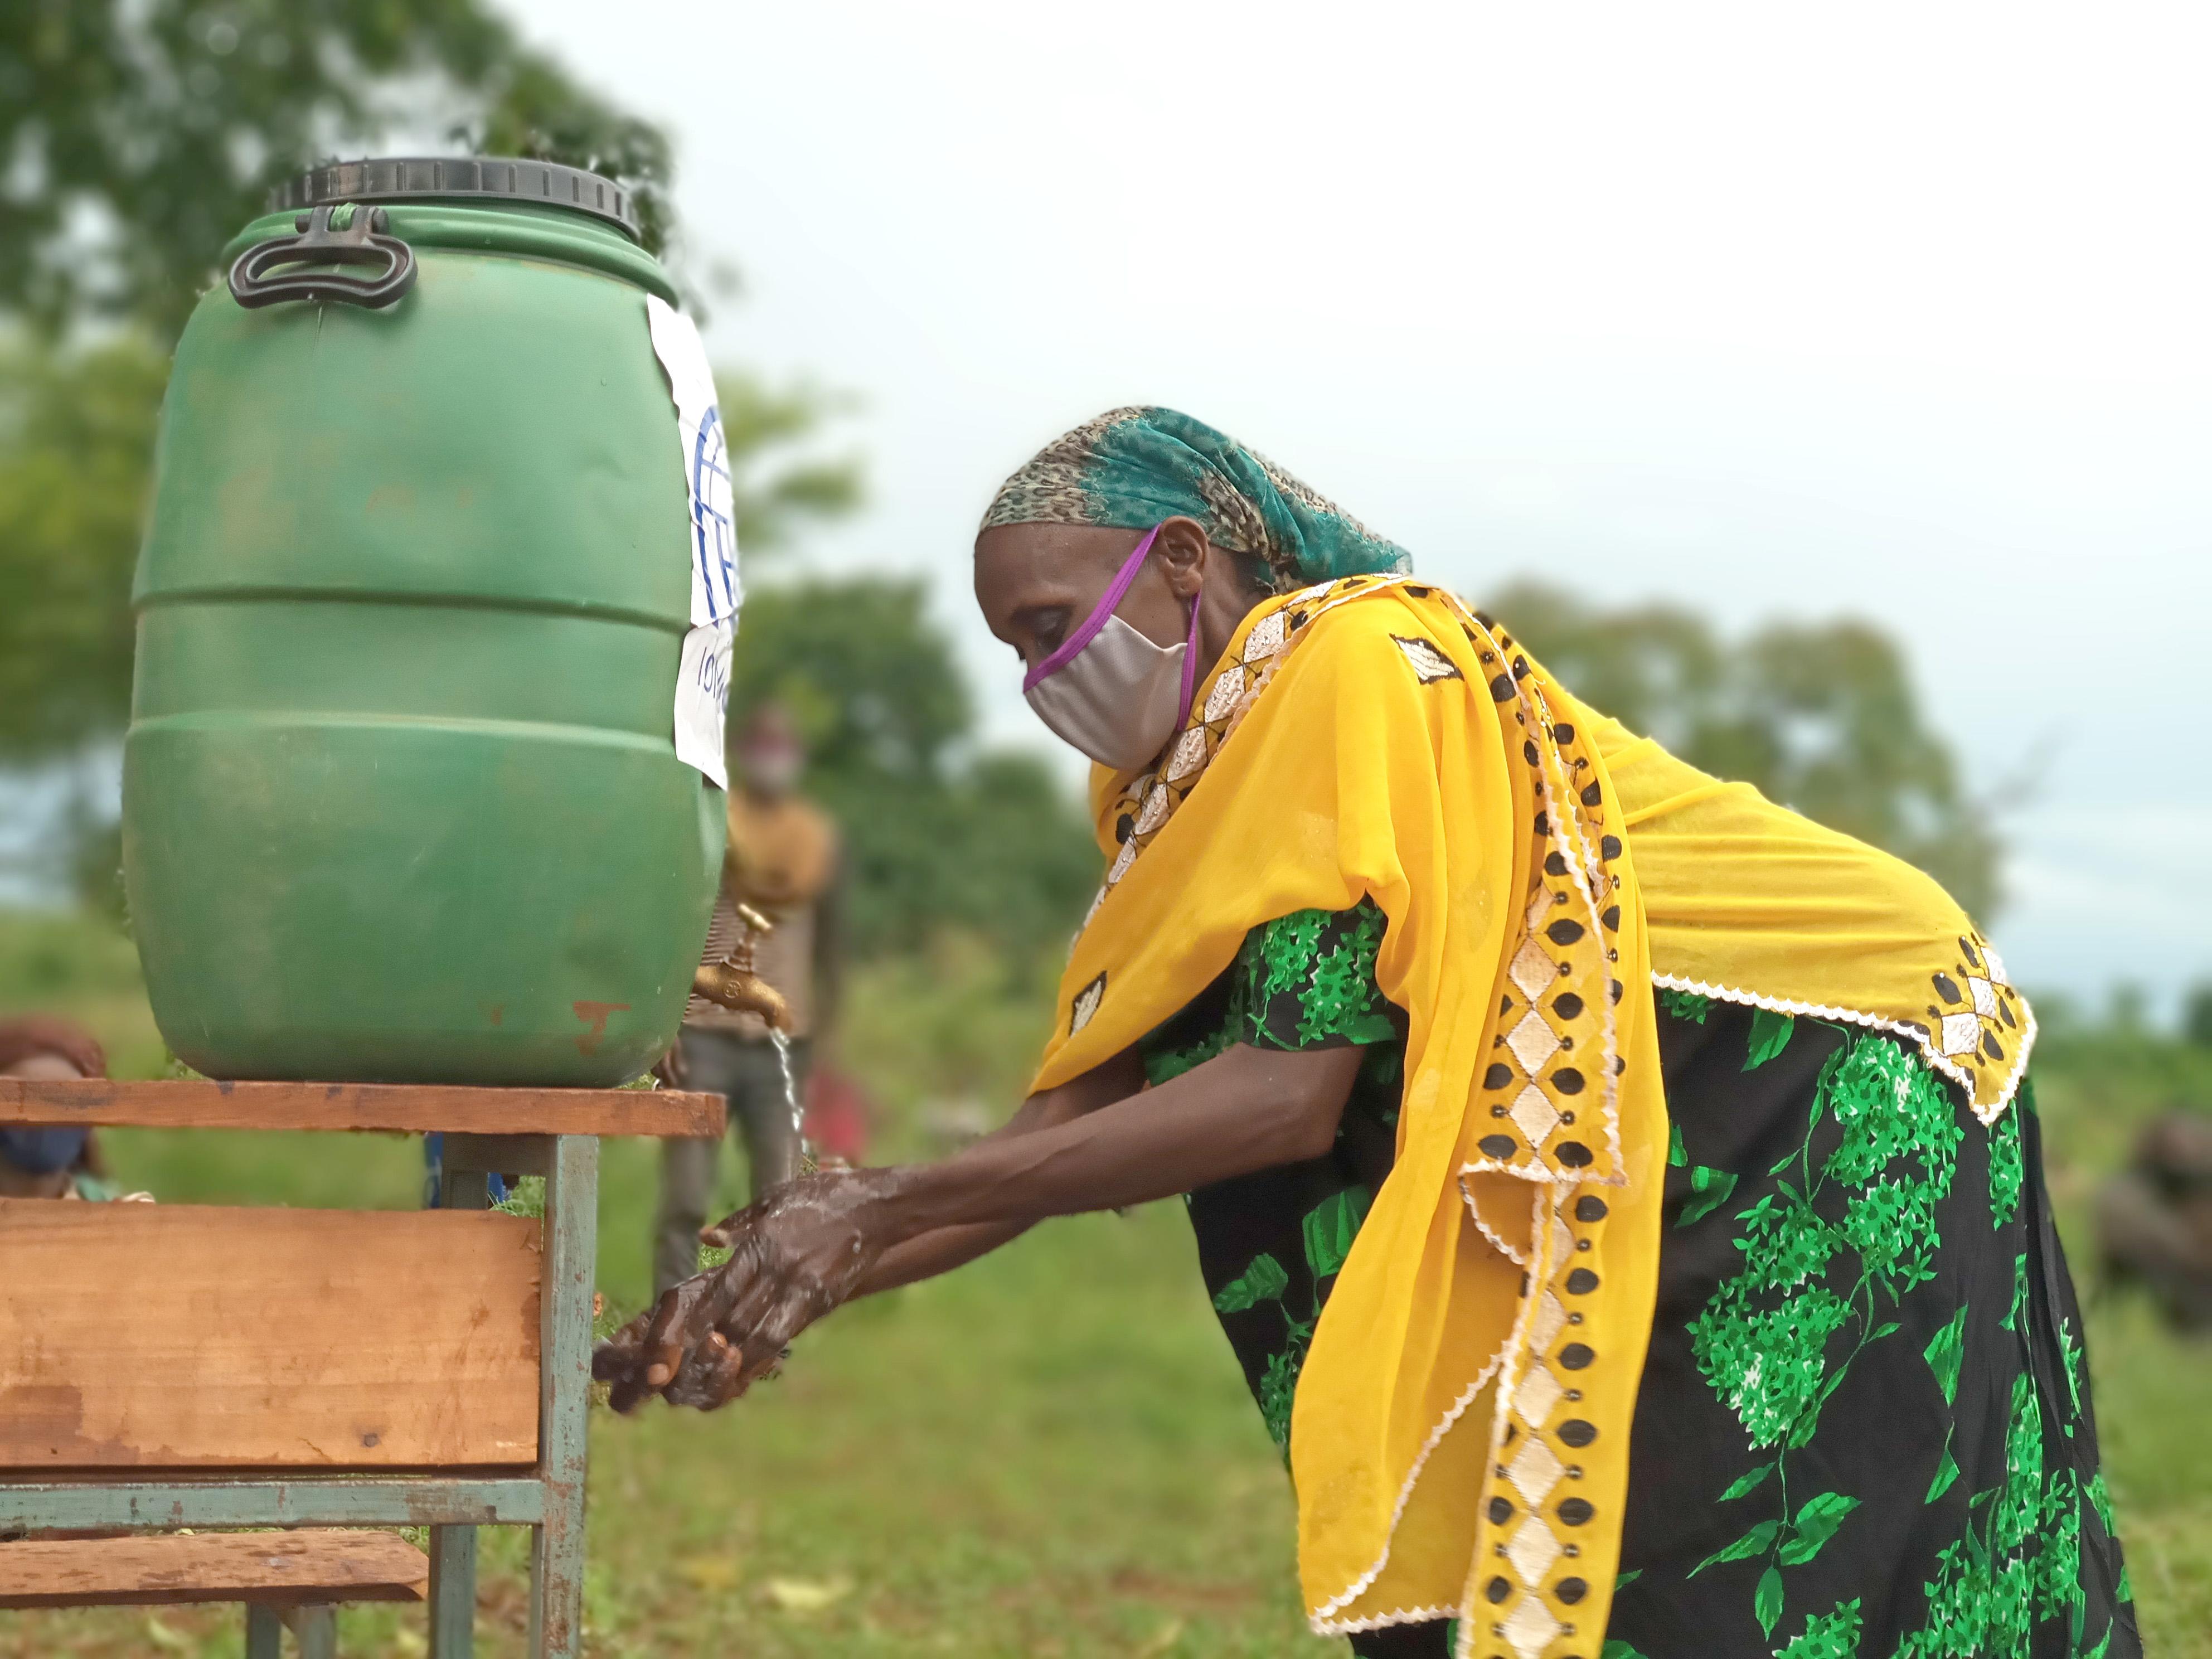 Bulutna washes her hands